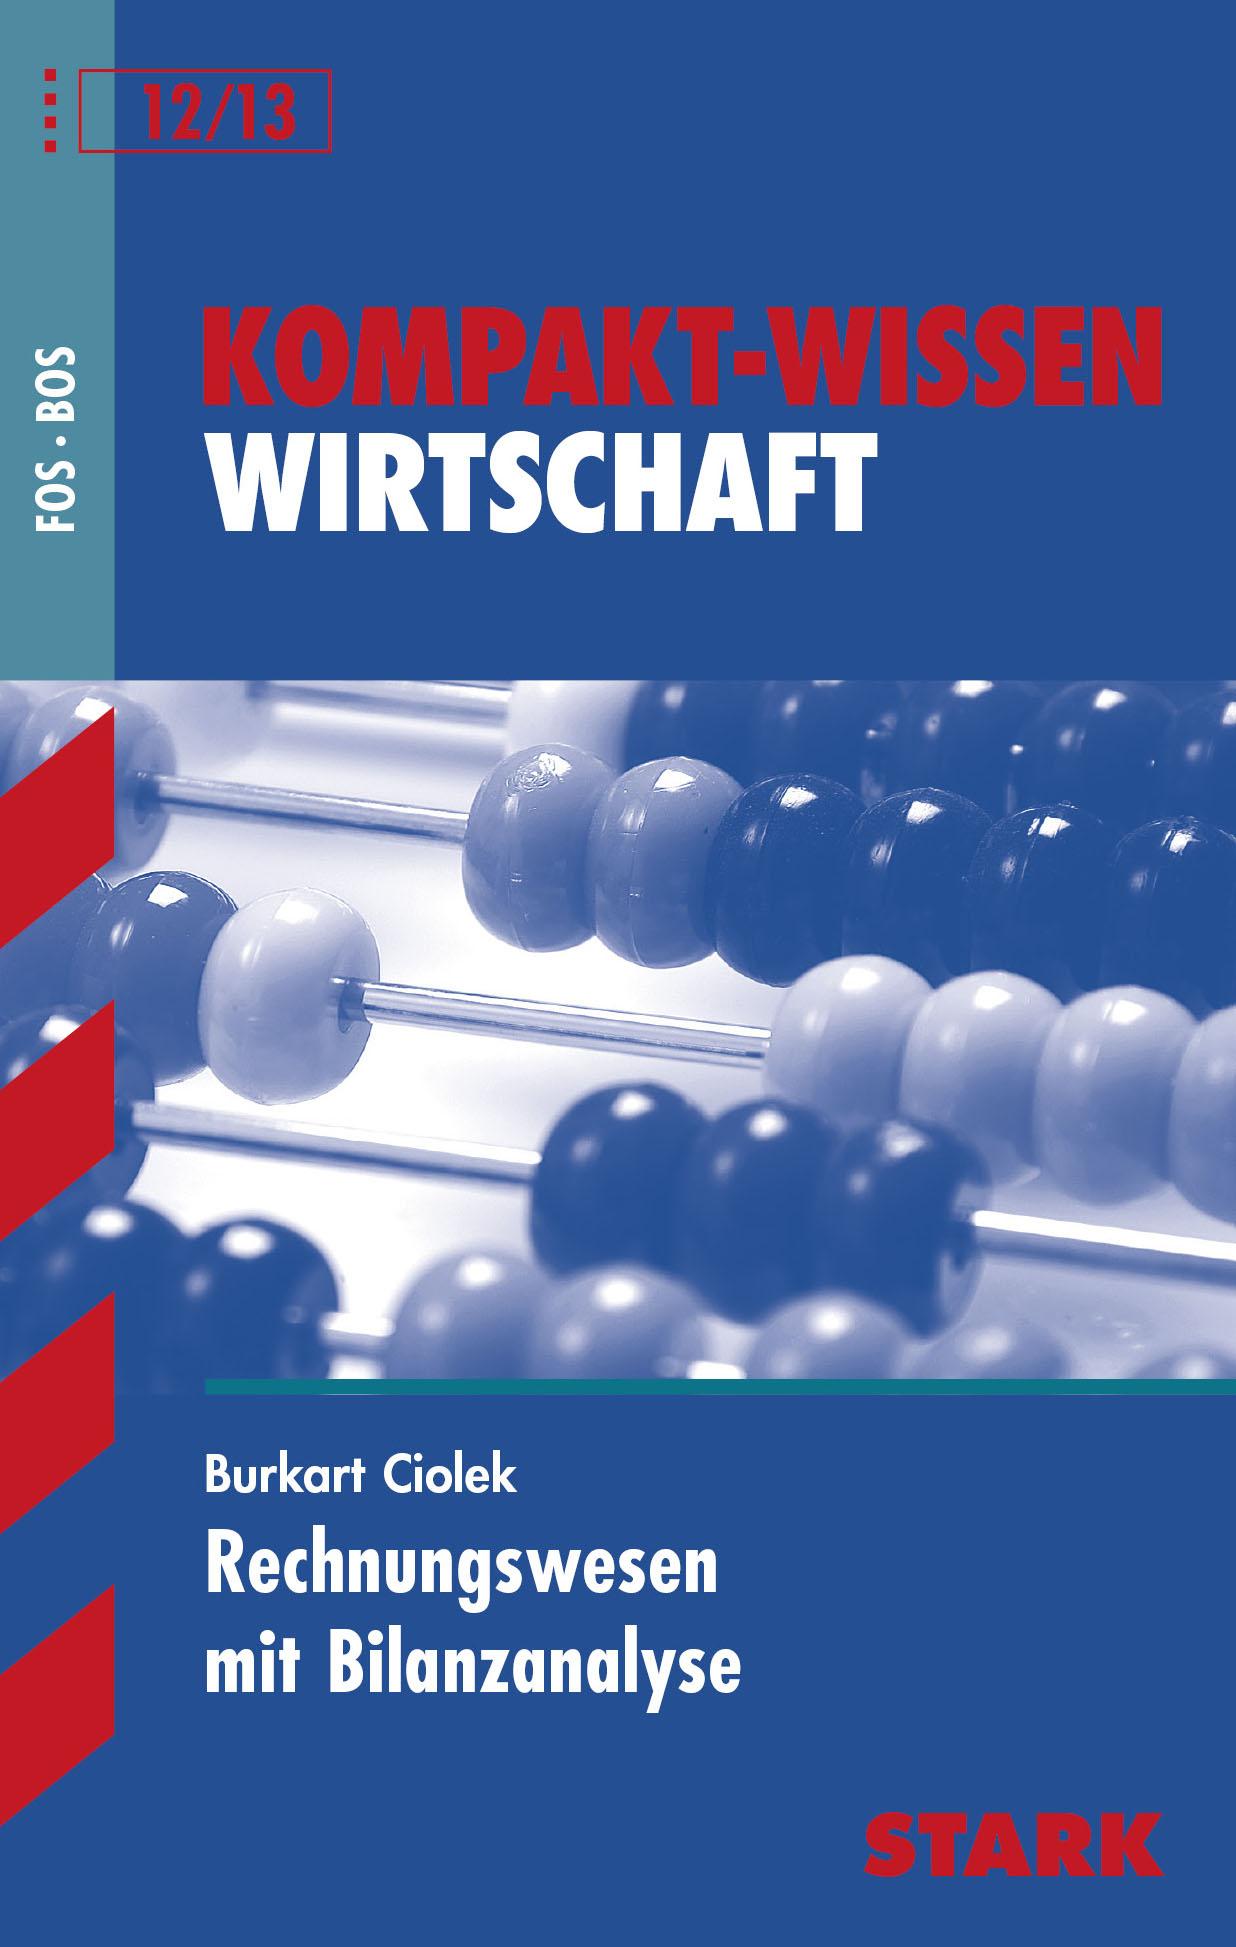 Kompakt-Wissen FOS/BOS 12/13; Wirtschaft; Rechn...